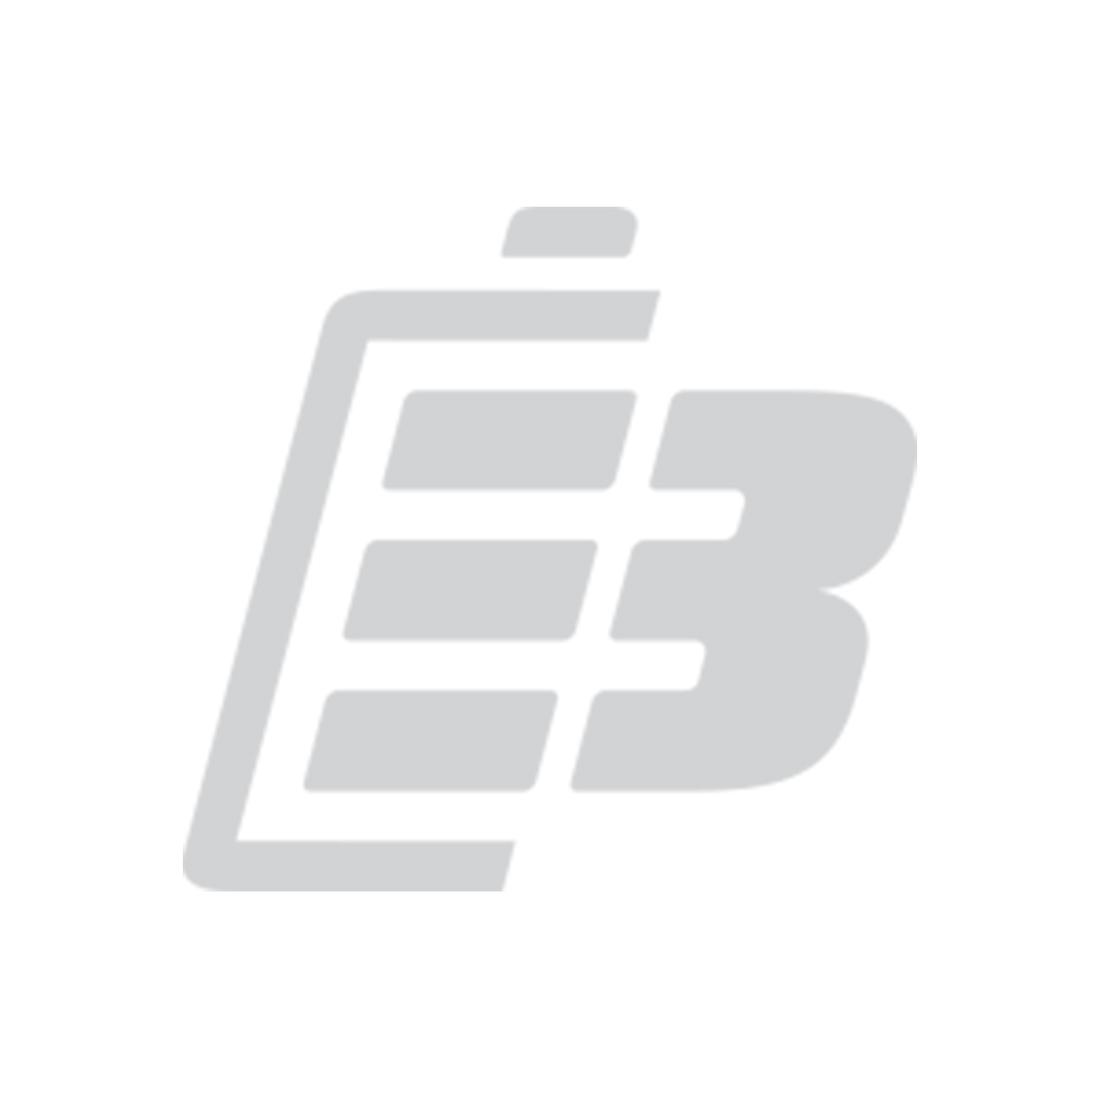 Wireless Speaker battery JBL Charge 3 2016_1